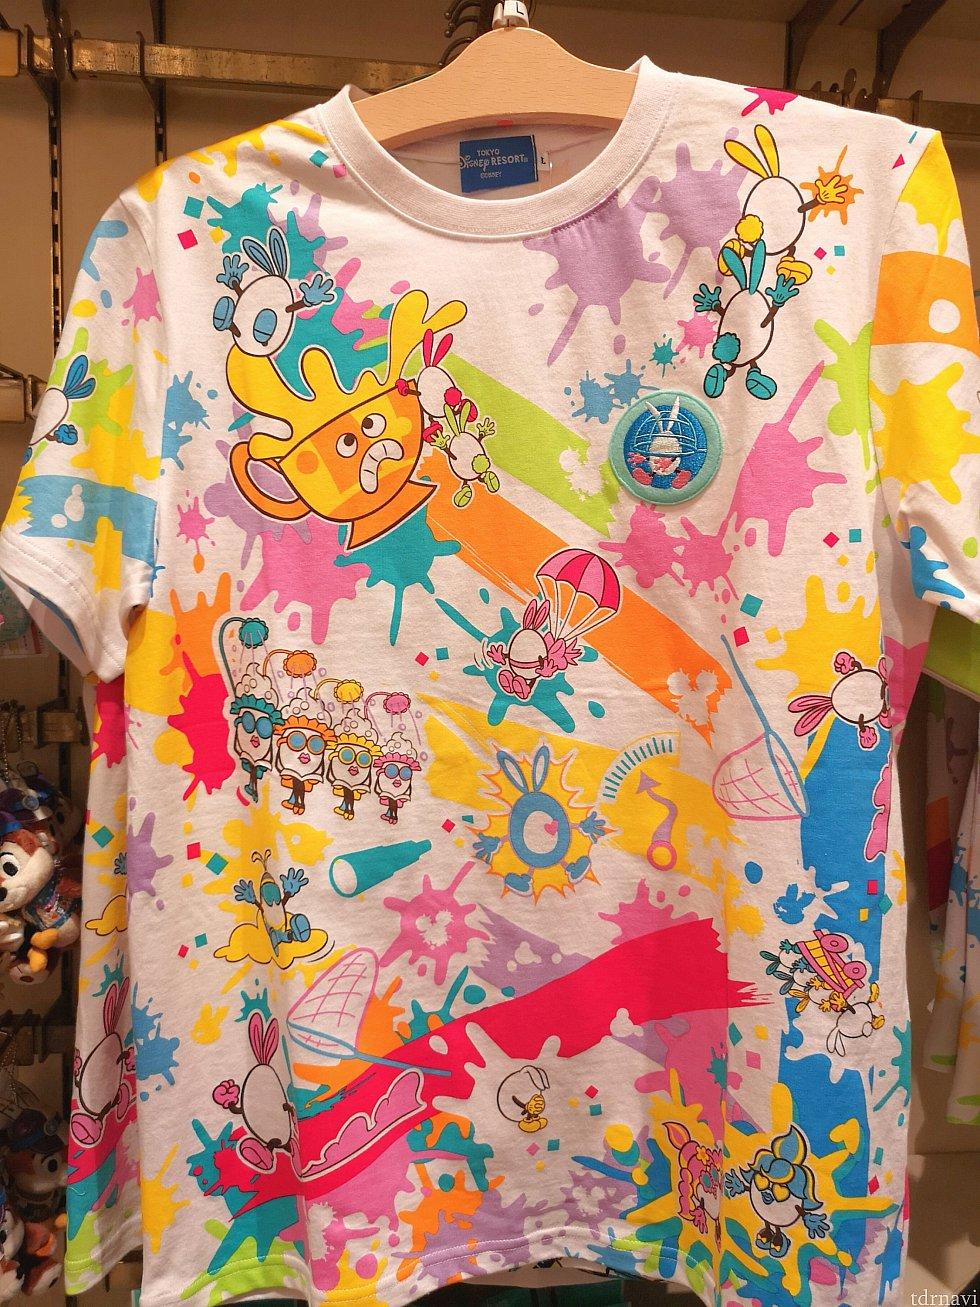 こちらも人気でした!うさたまTシャツ、サイズによってお値段が異なりますが、大人のSからLLは2,600円です。